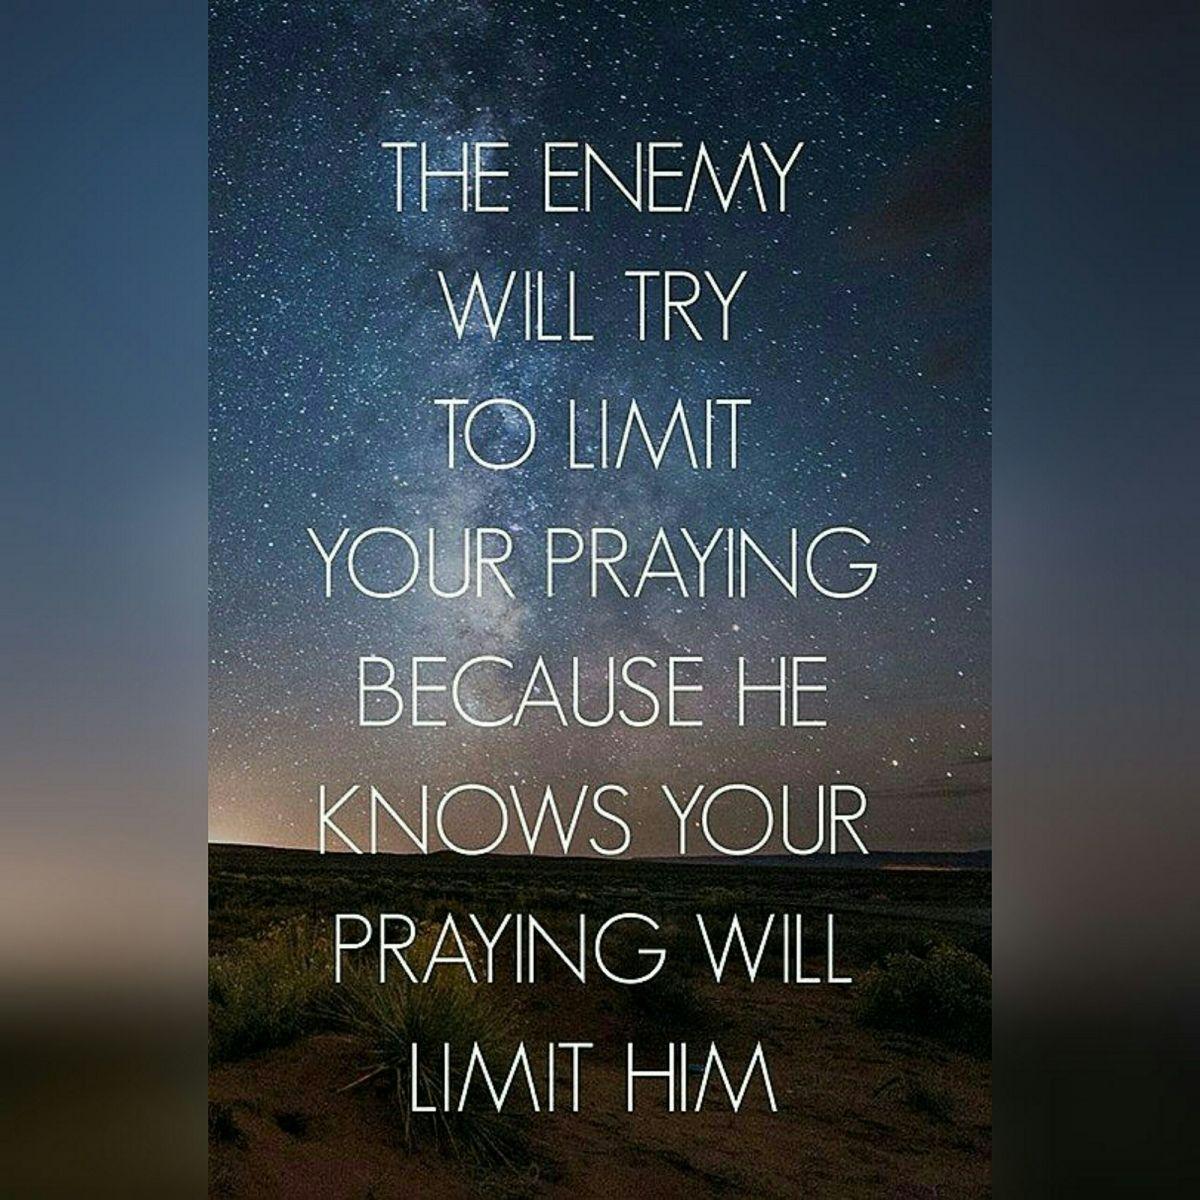 Scripture Quotes, Inspirational Quotes